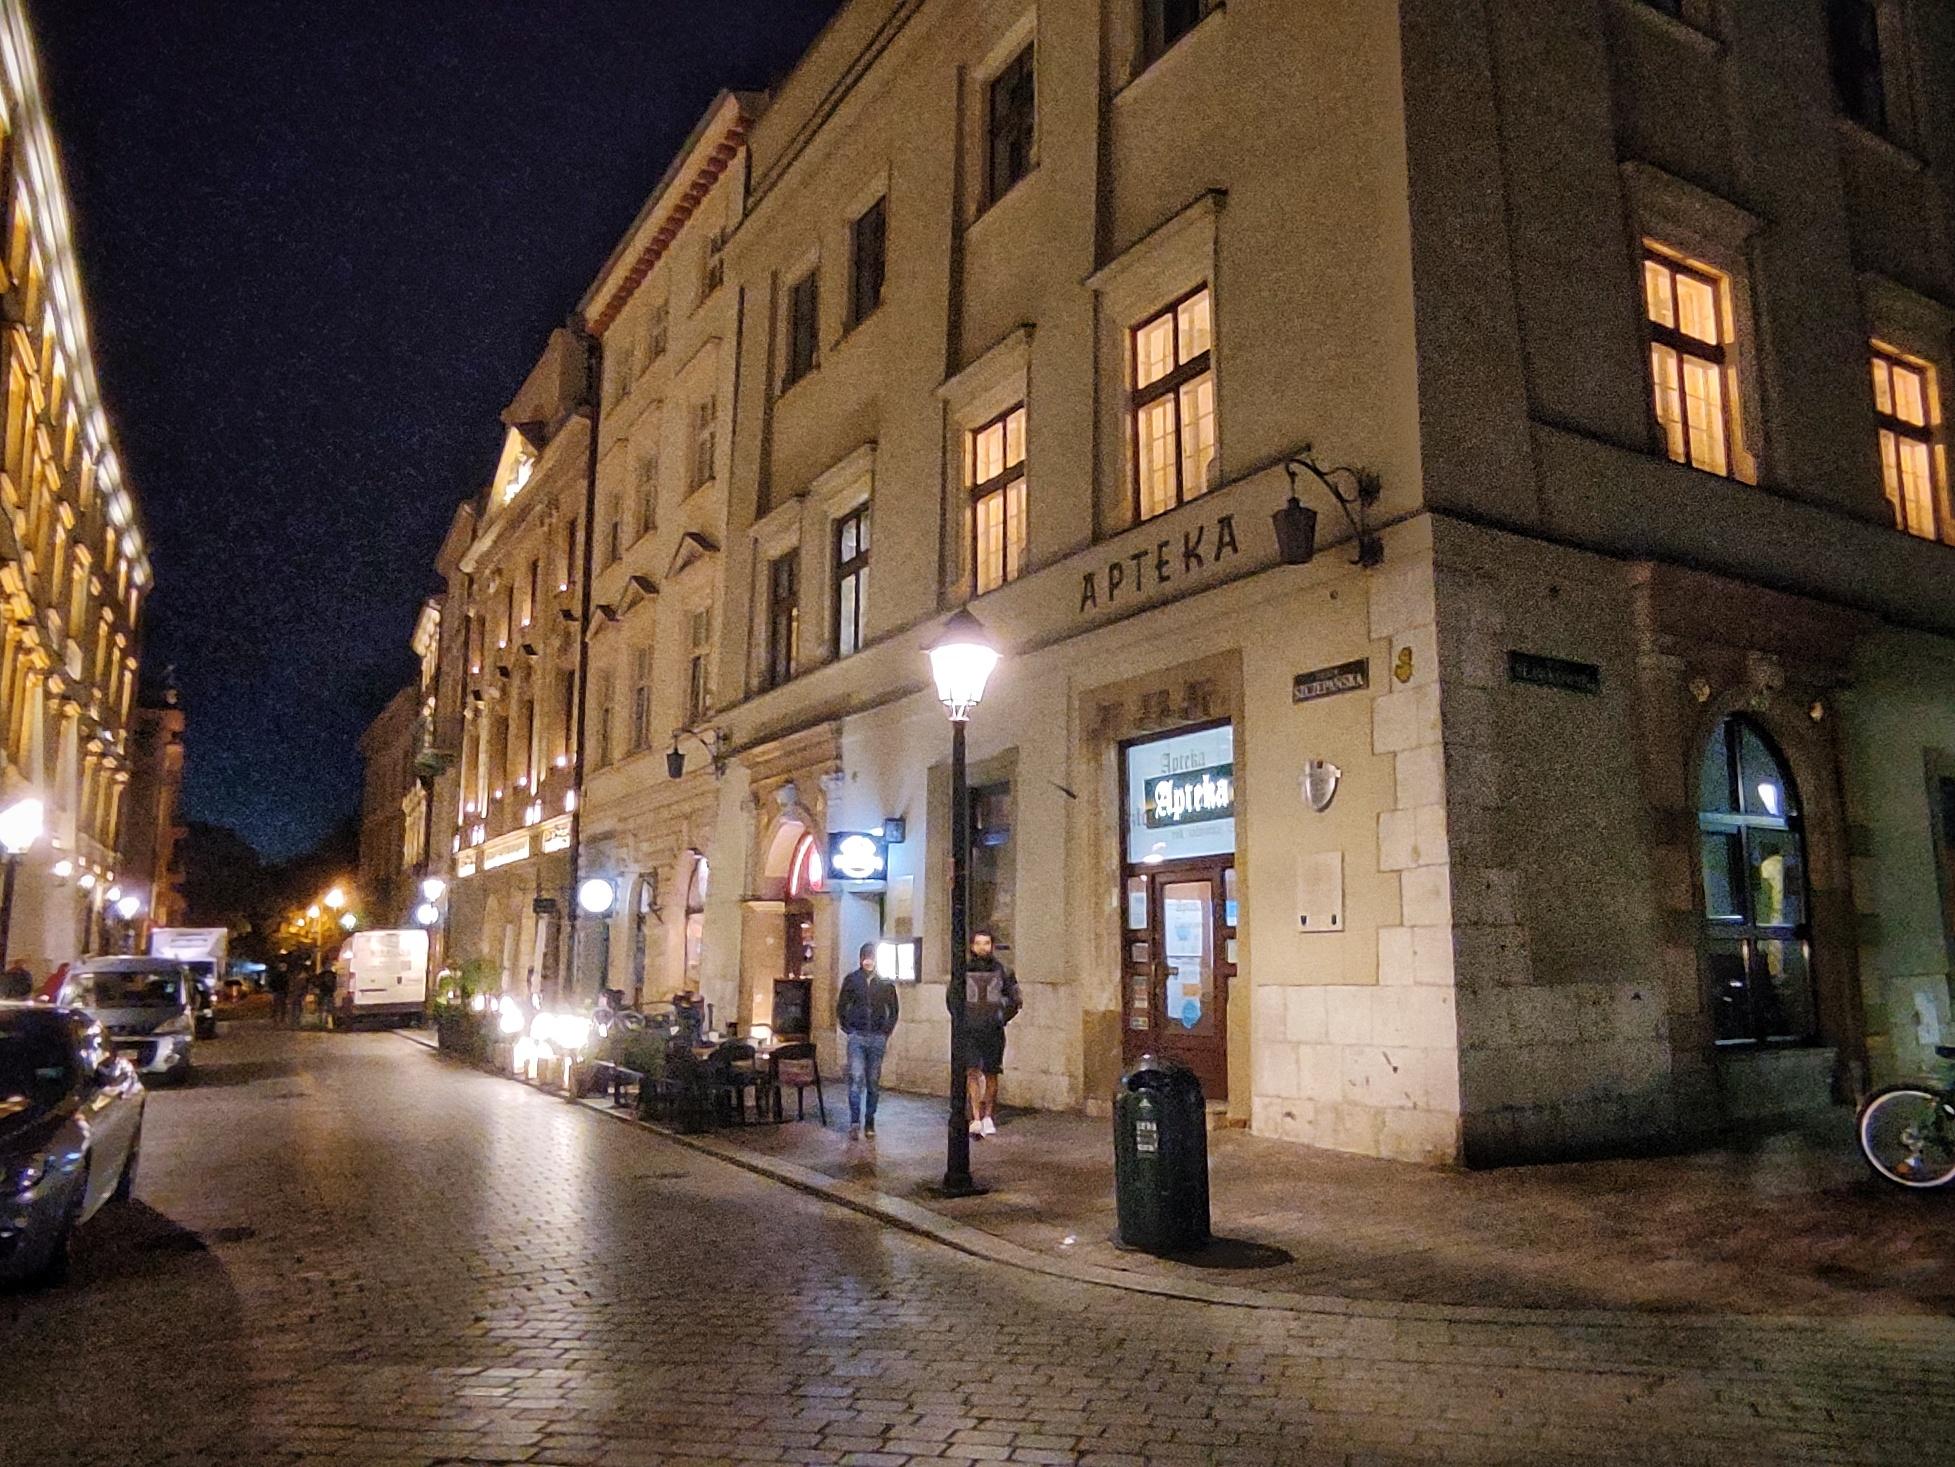 Widok kamienicy przy ulicy Szczepańskiej 1, źródło: archiwum autorki